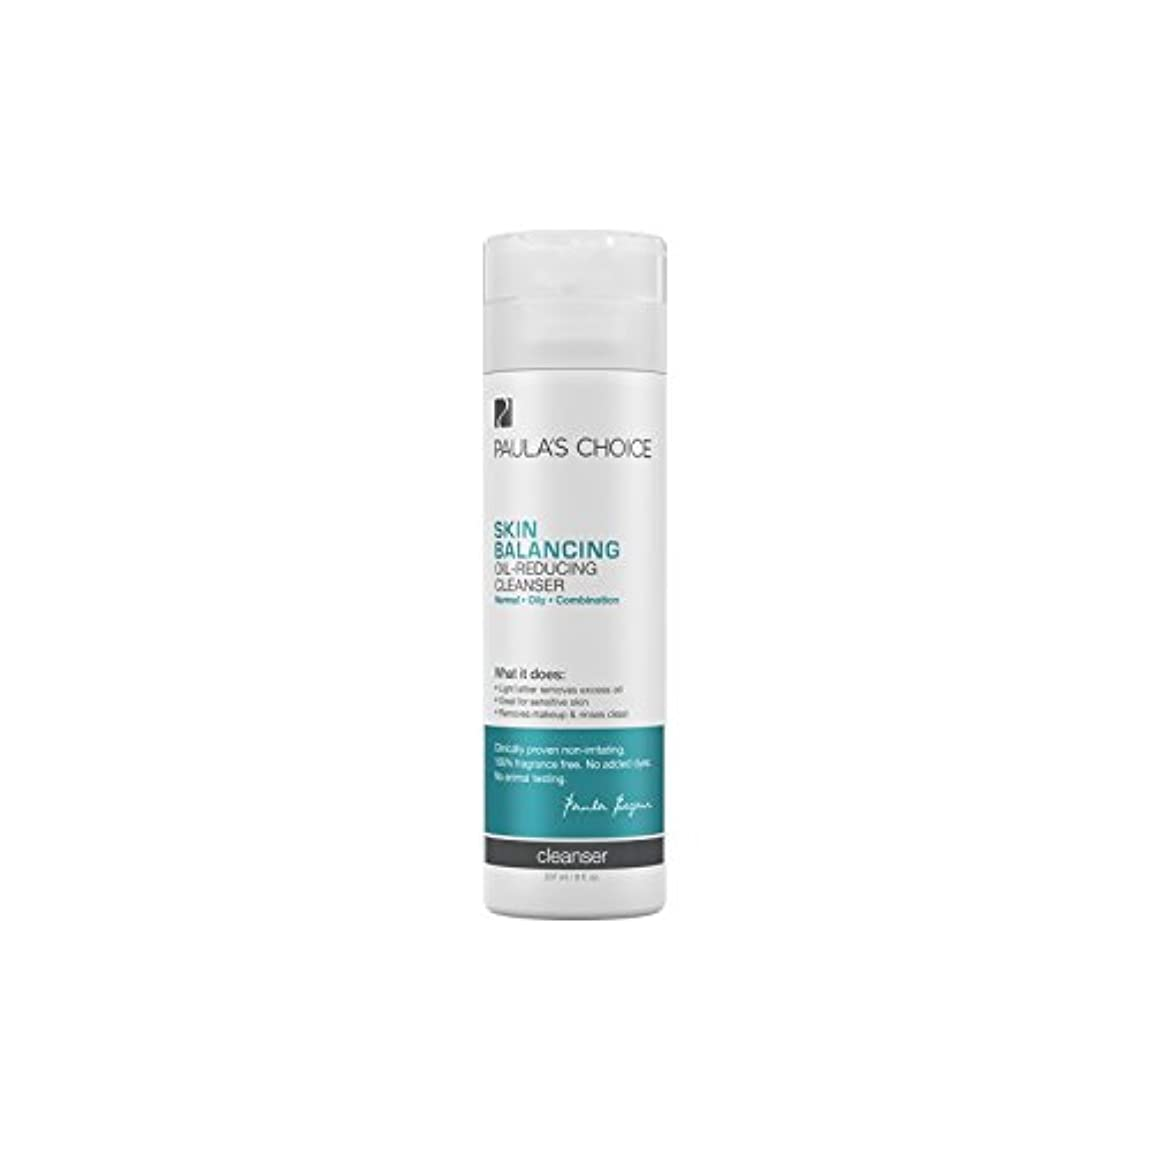 羊飼い政治大胆ポーラチョイスの肌のバランスオイル低減クレンザー(237ミリリットル) x2 - Paula's Choice Skin Balancing Oil-Reducing Cleanser (237ml) (Pack of 2) [並行輸入品]